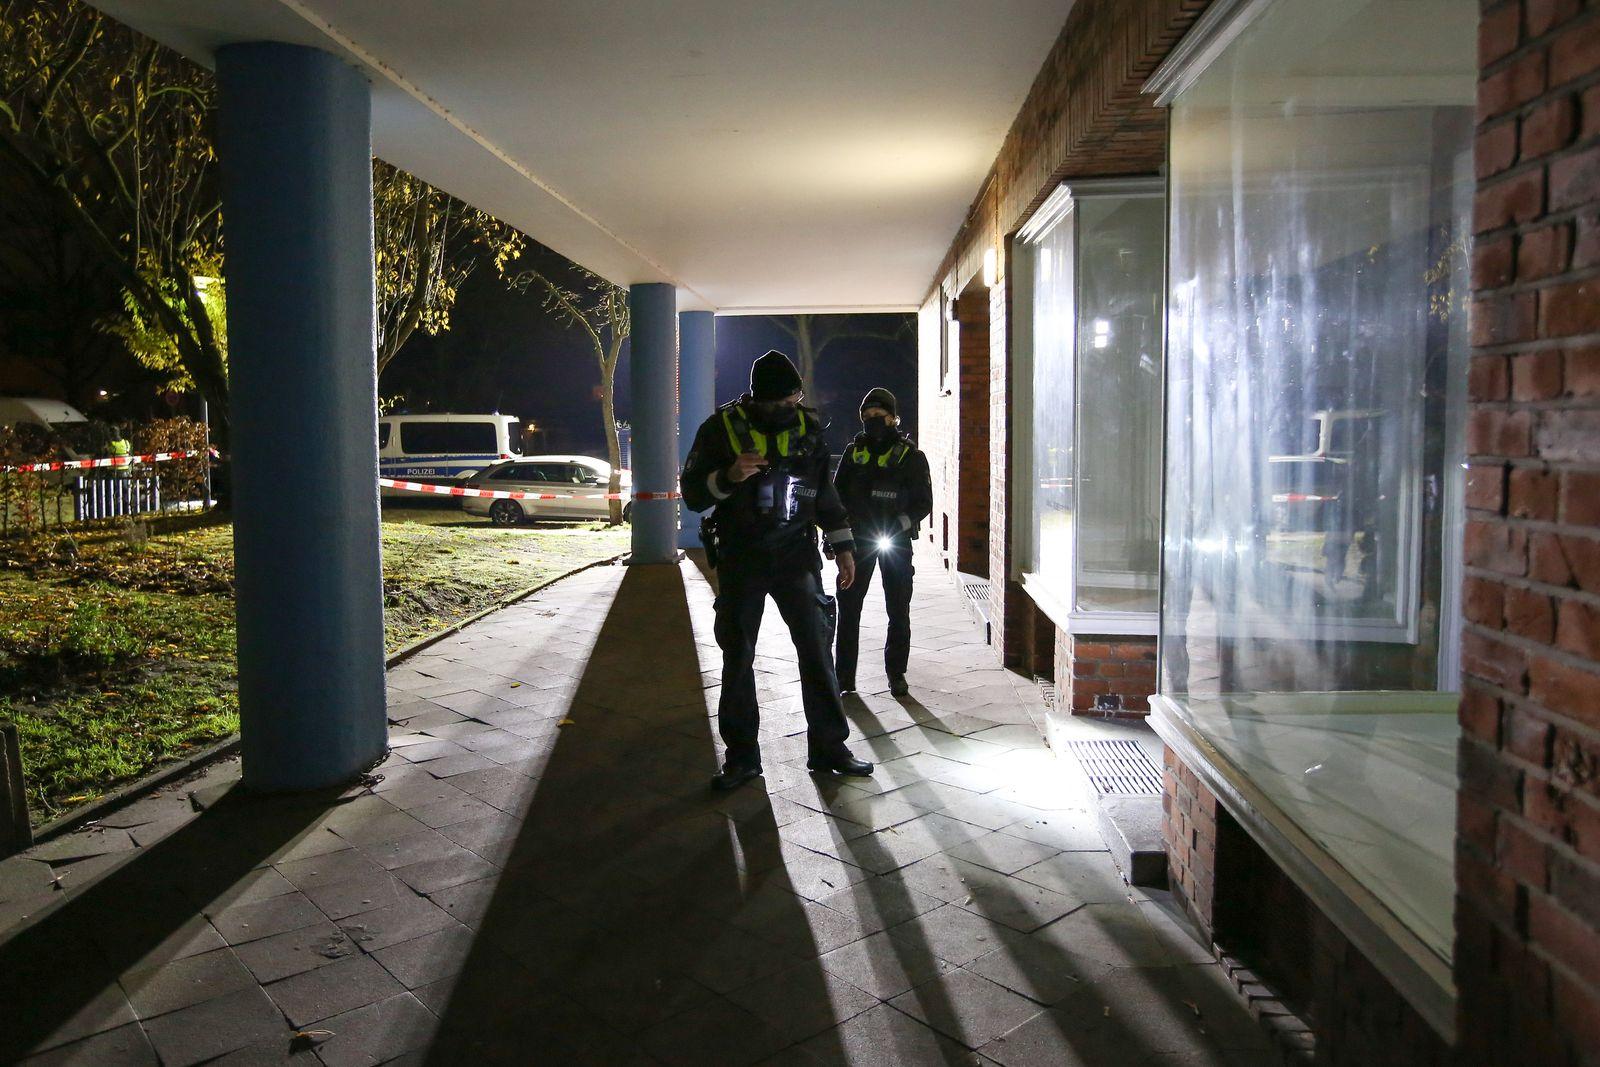 Mann pinkelt an Straßenrand und wird angeschossen